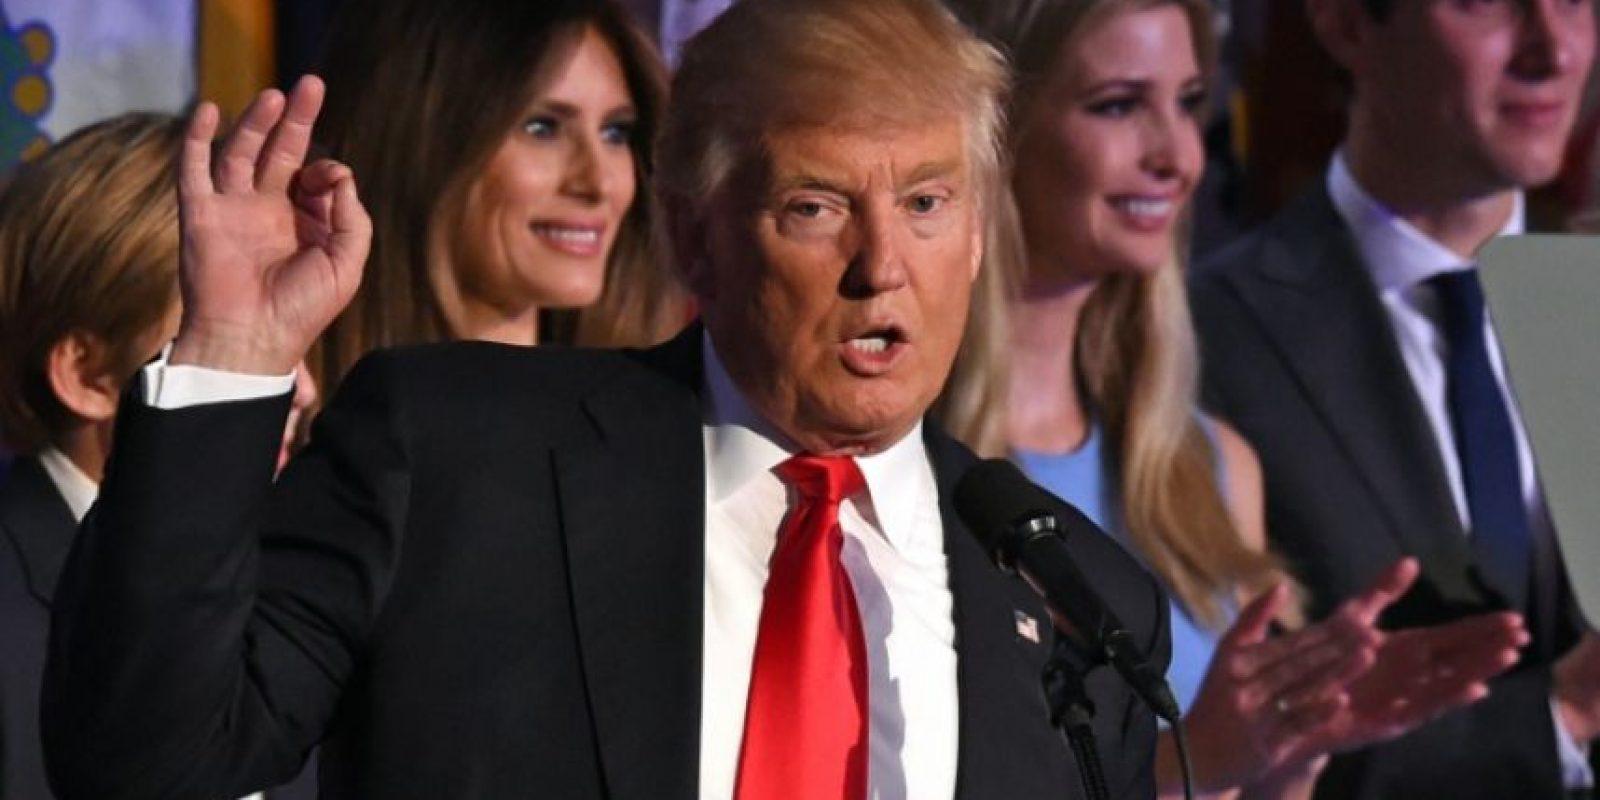 El presidente electo de EEUU, Donald Trump, el 9 de noviembre de 2016 en Nueva York Foto:Timothy A. CLARY /afp.com